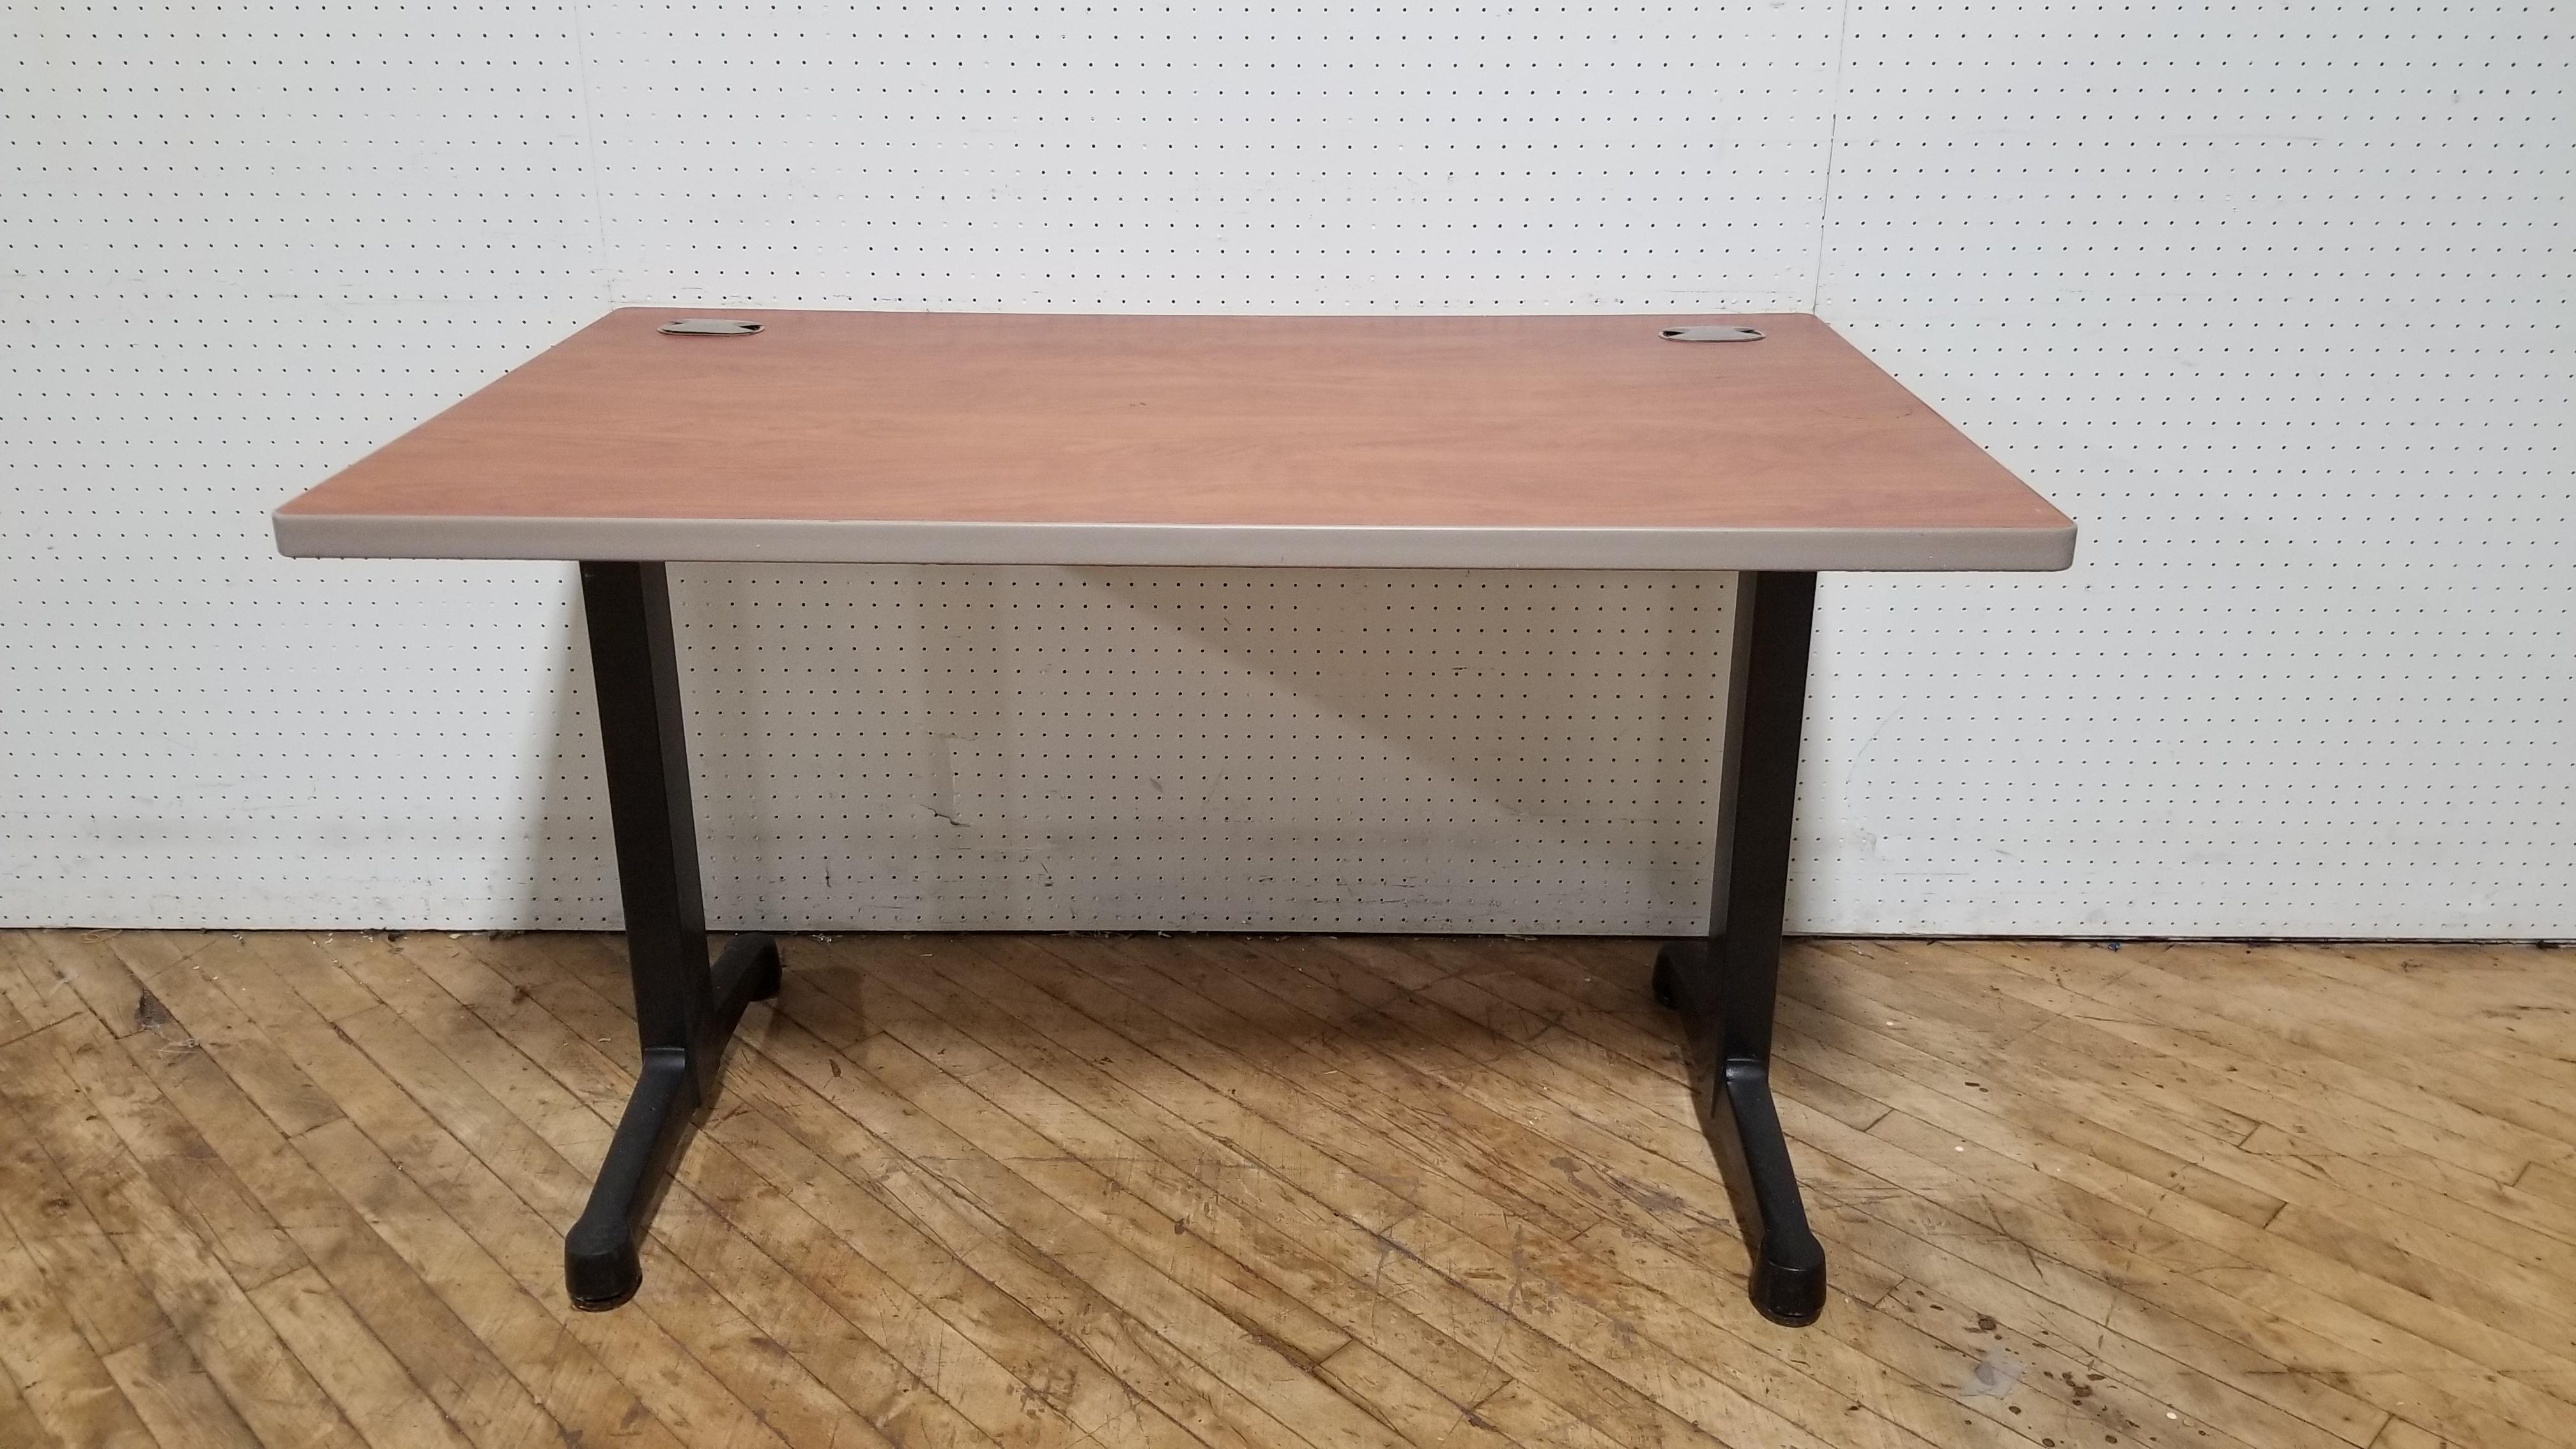 #304A. 30X48 Table